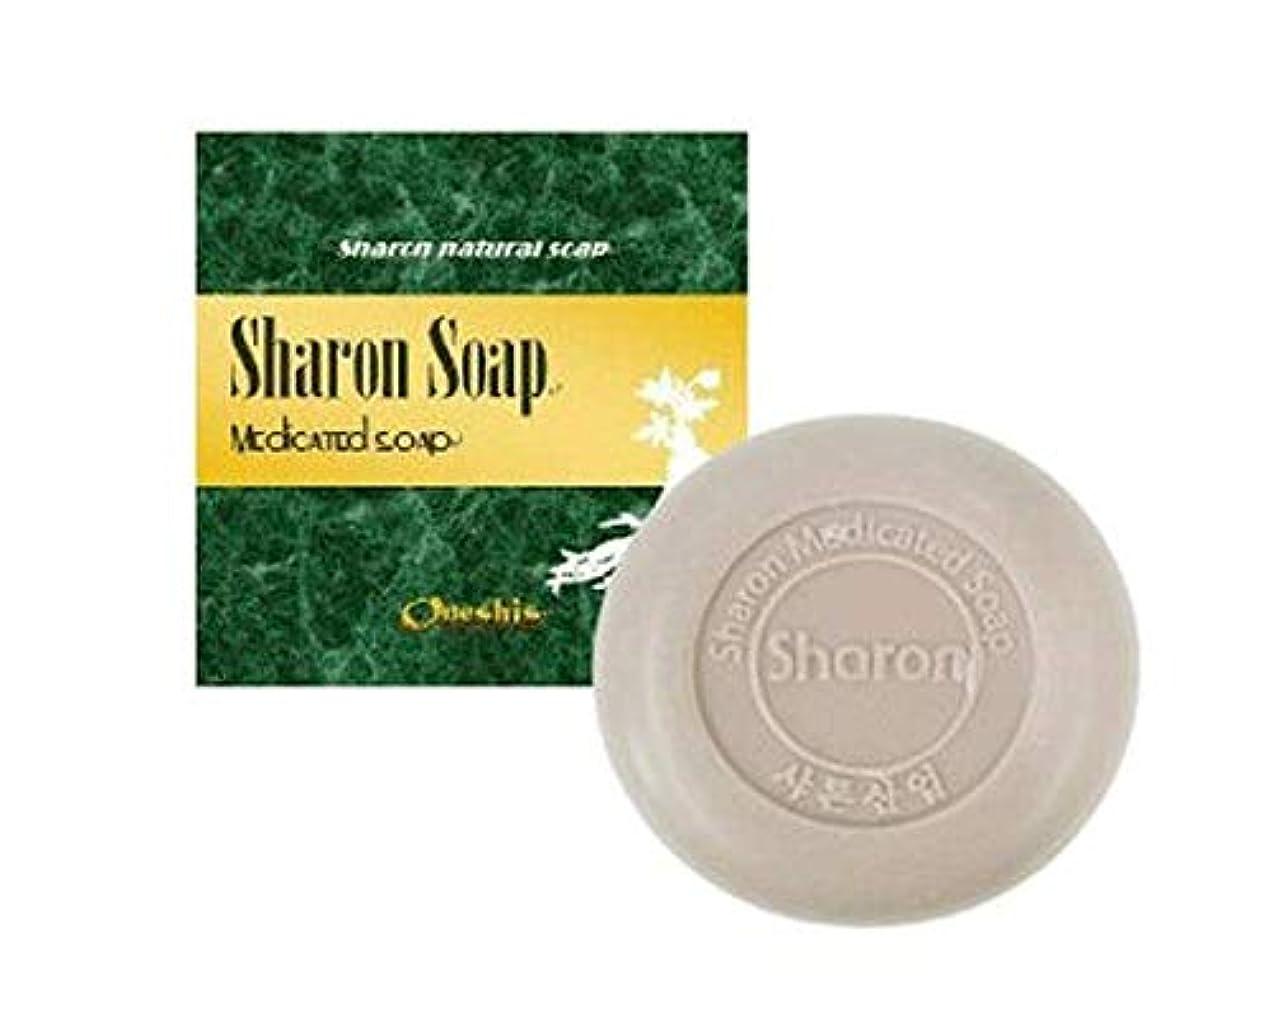 秋まっすぐにする原子炉Sharon Soap シャロンナチュラルソープ 天然由来植物成分 美肌石鹸